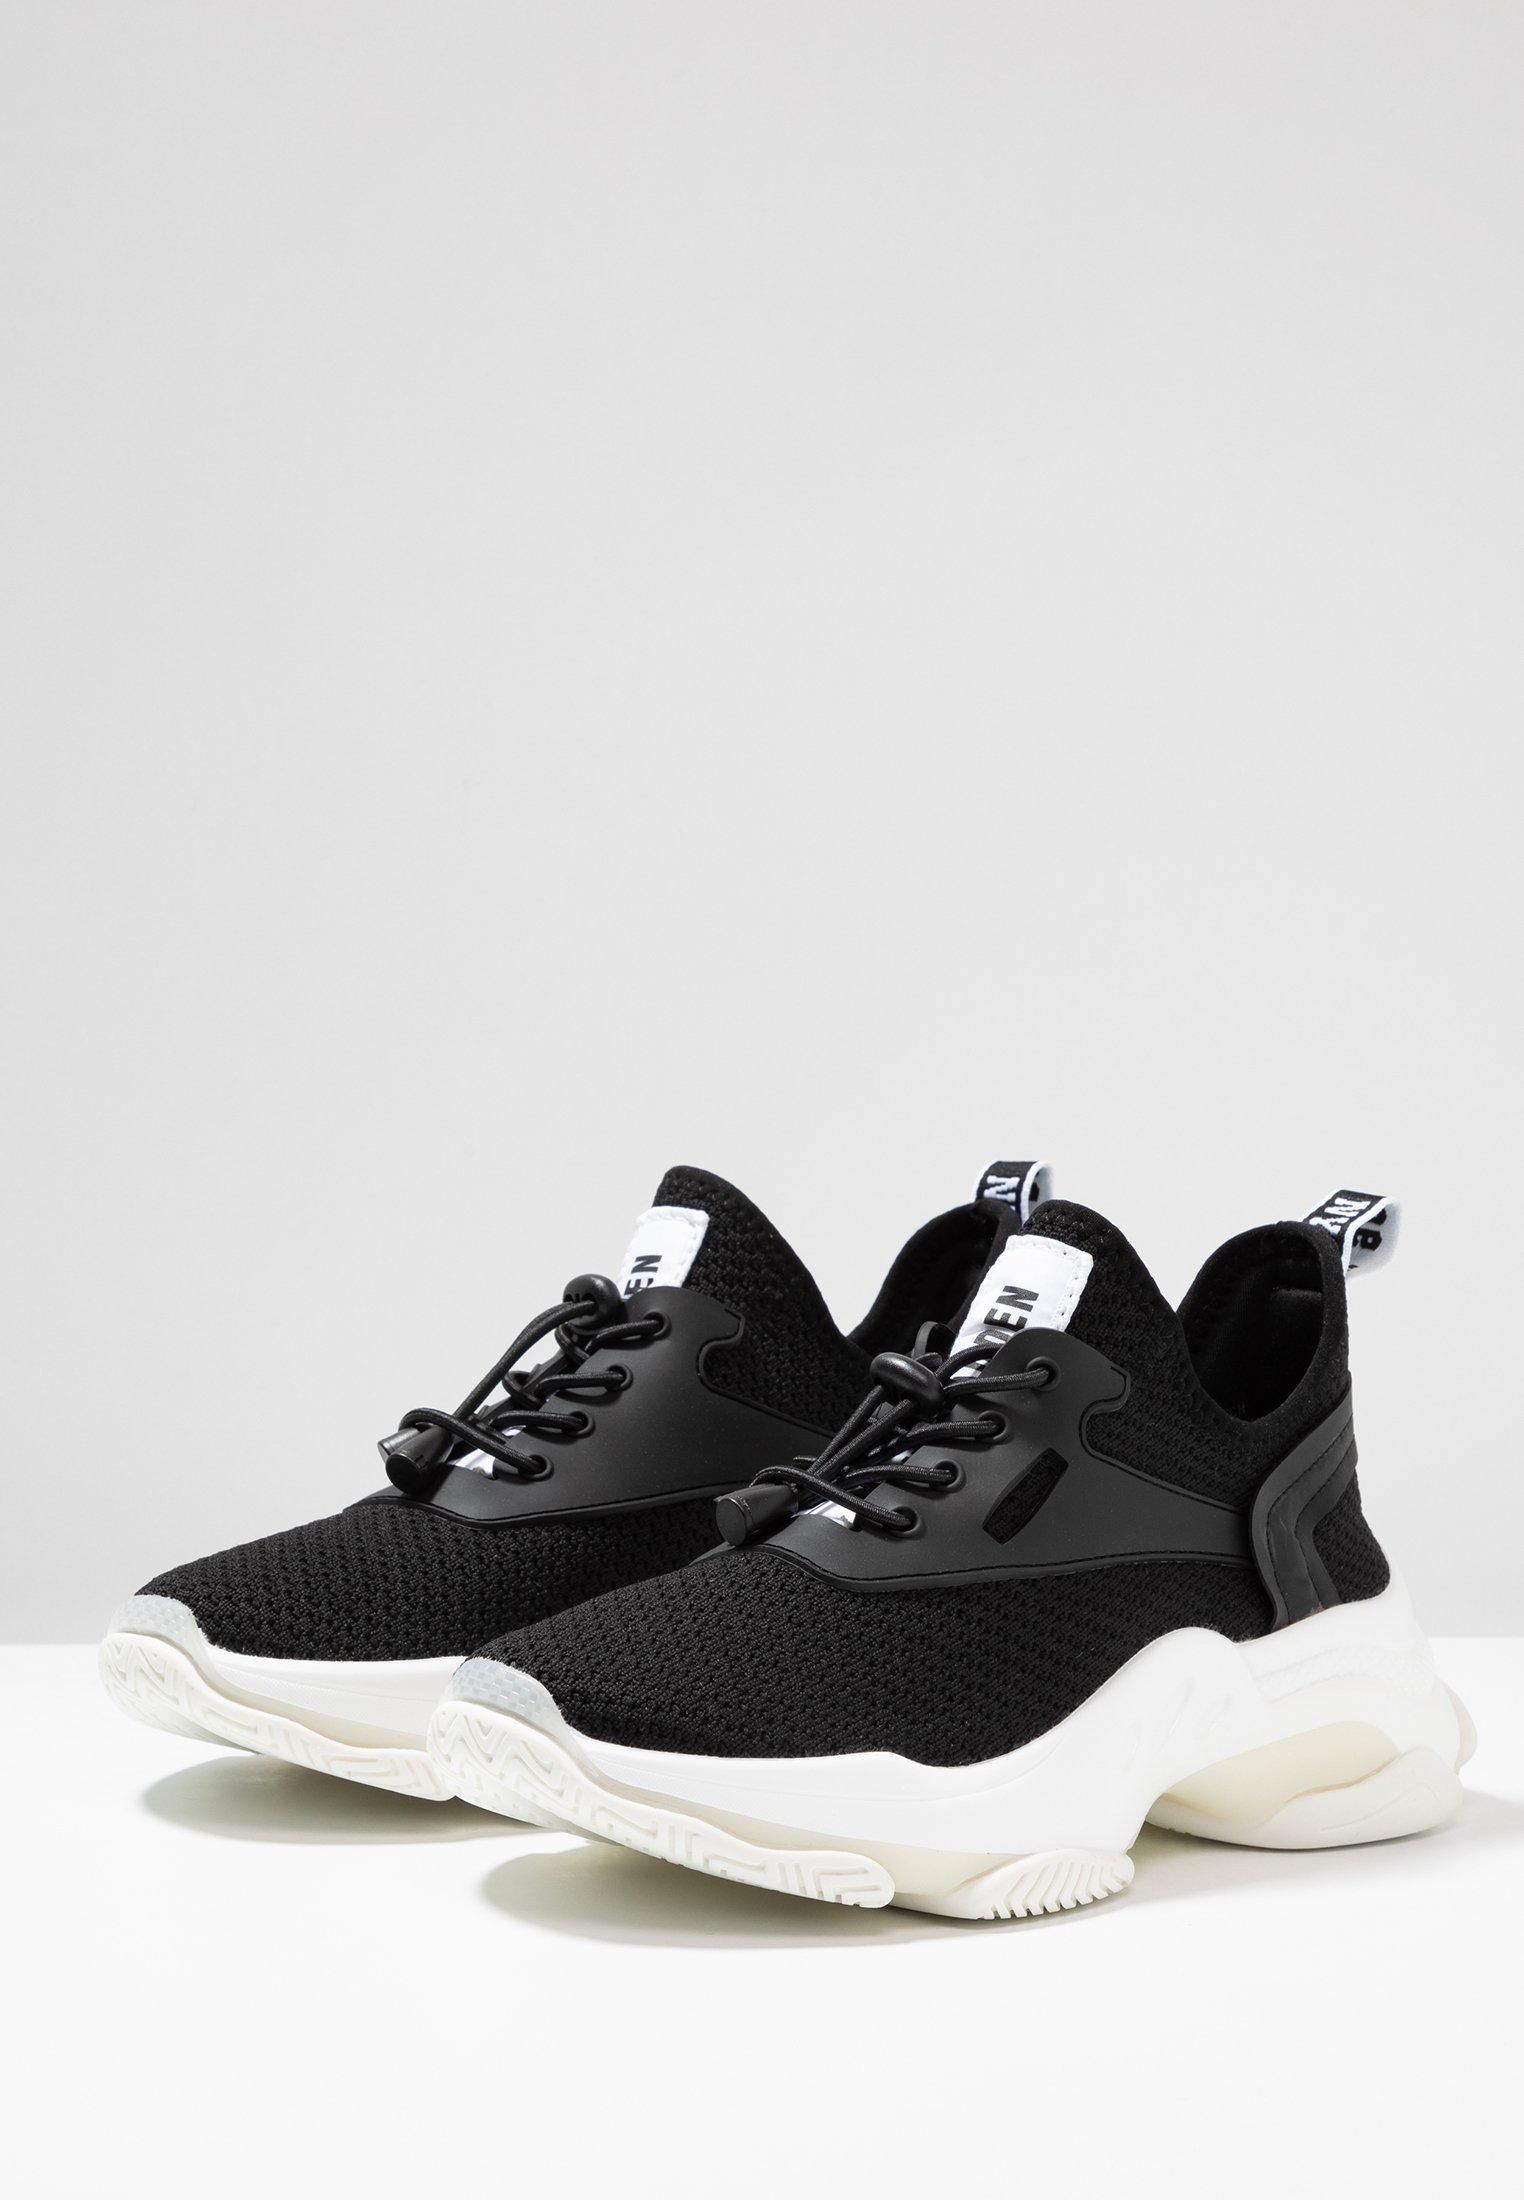 Steve Madden Match - Sneakers Black